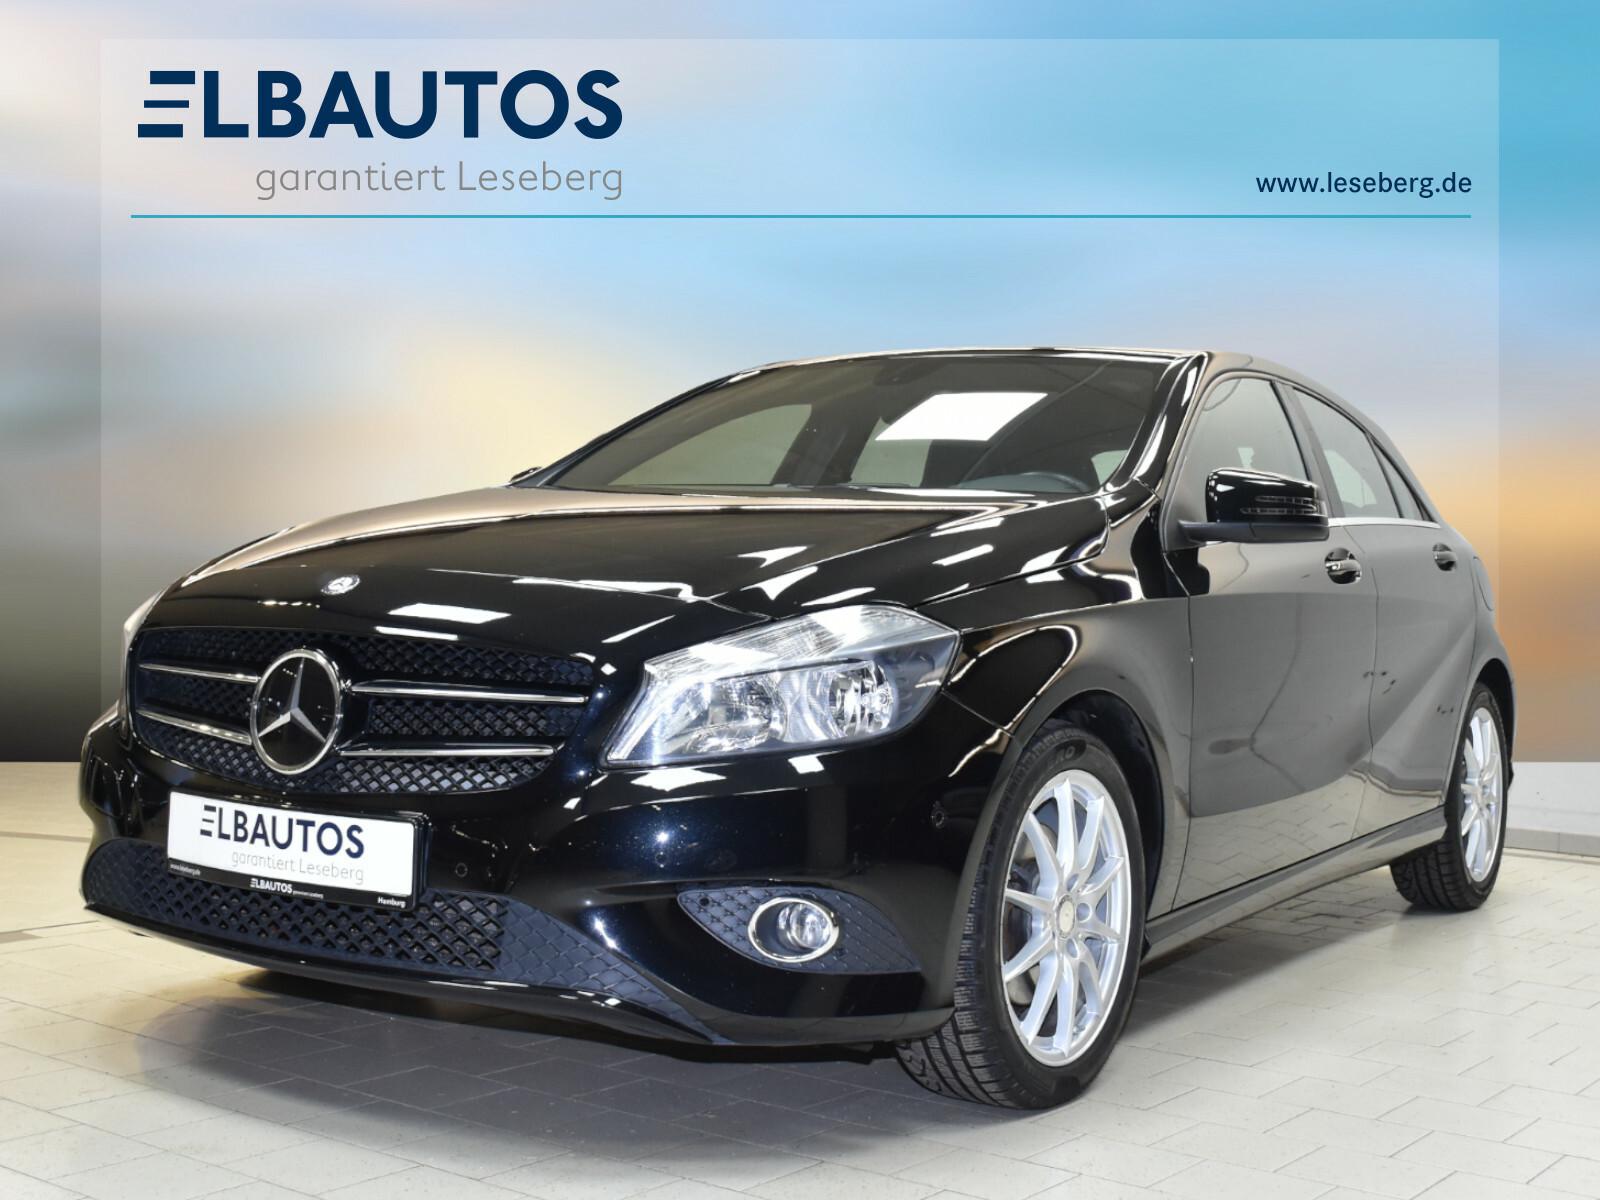 Mercedes-Benz A 200 Style/Navigation/Parktronic/Sitzheizung, Jahr 2015, Benzin